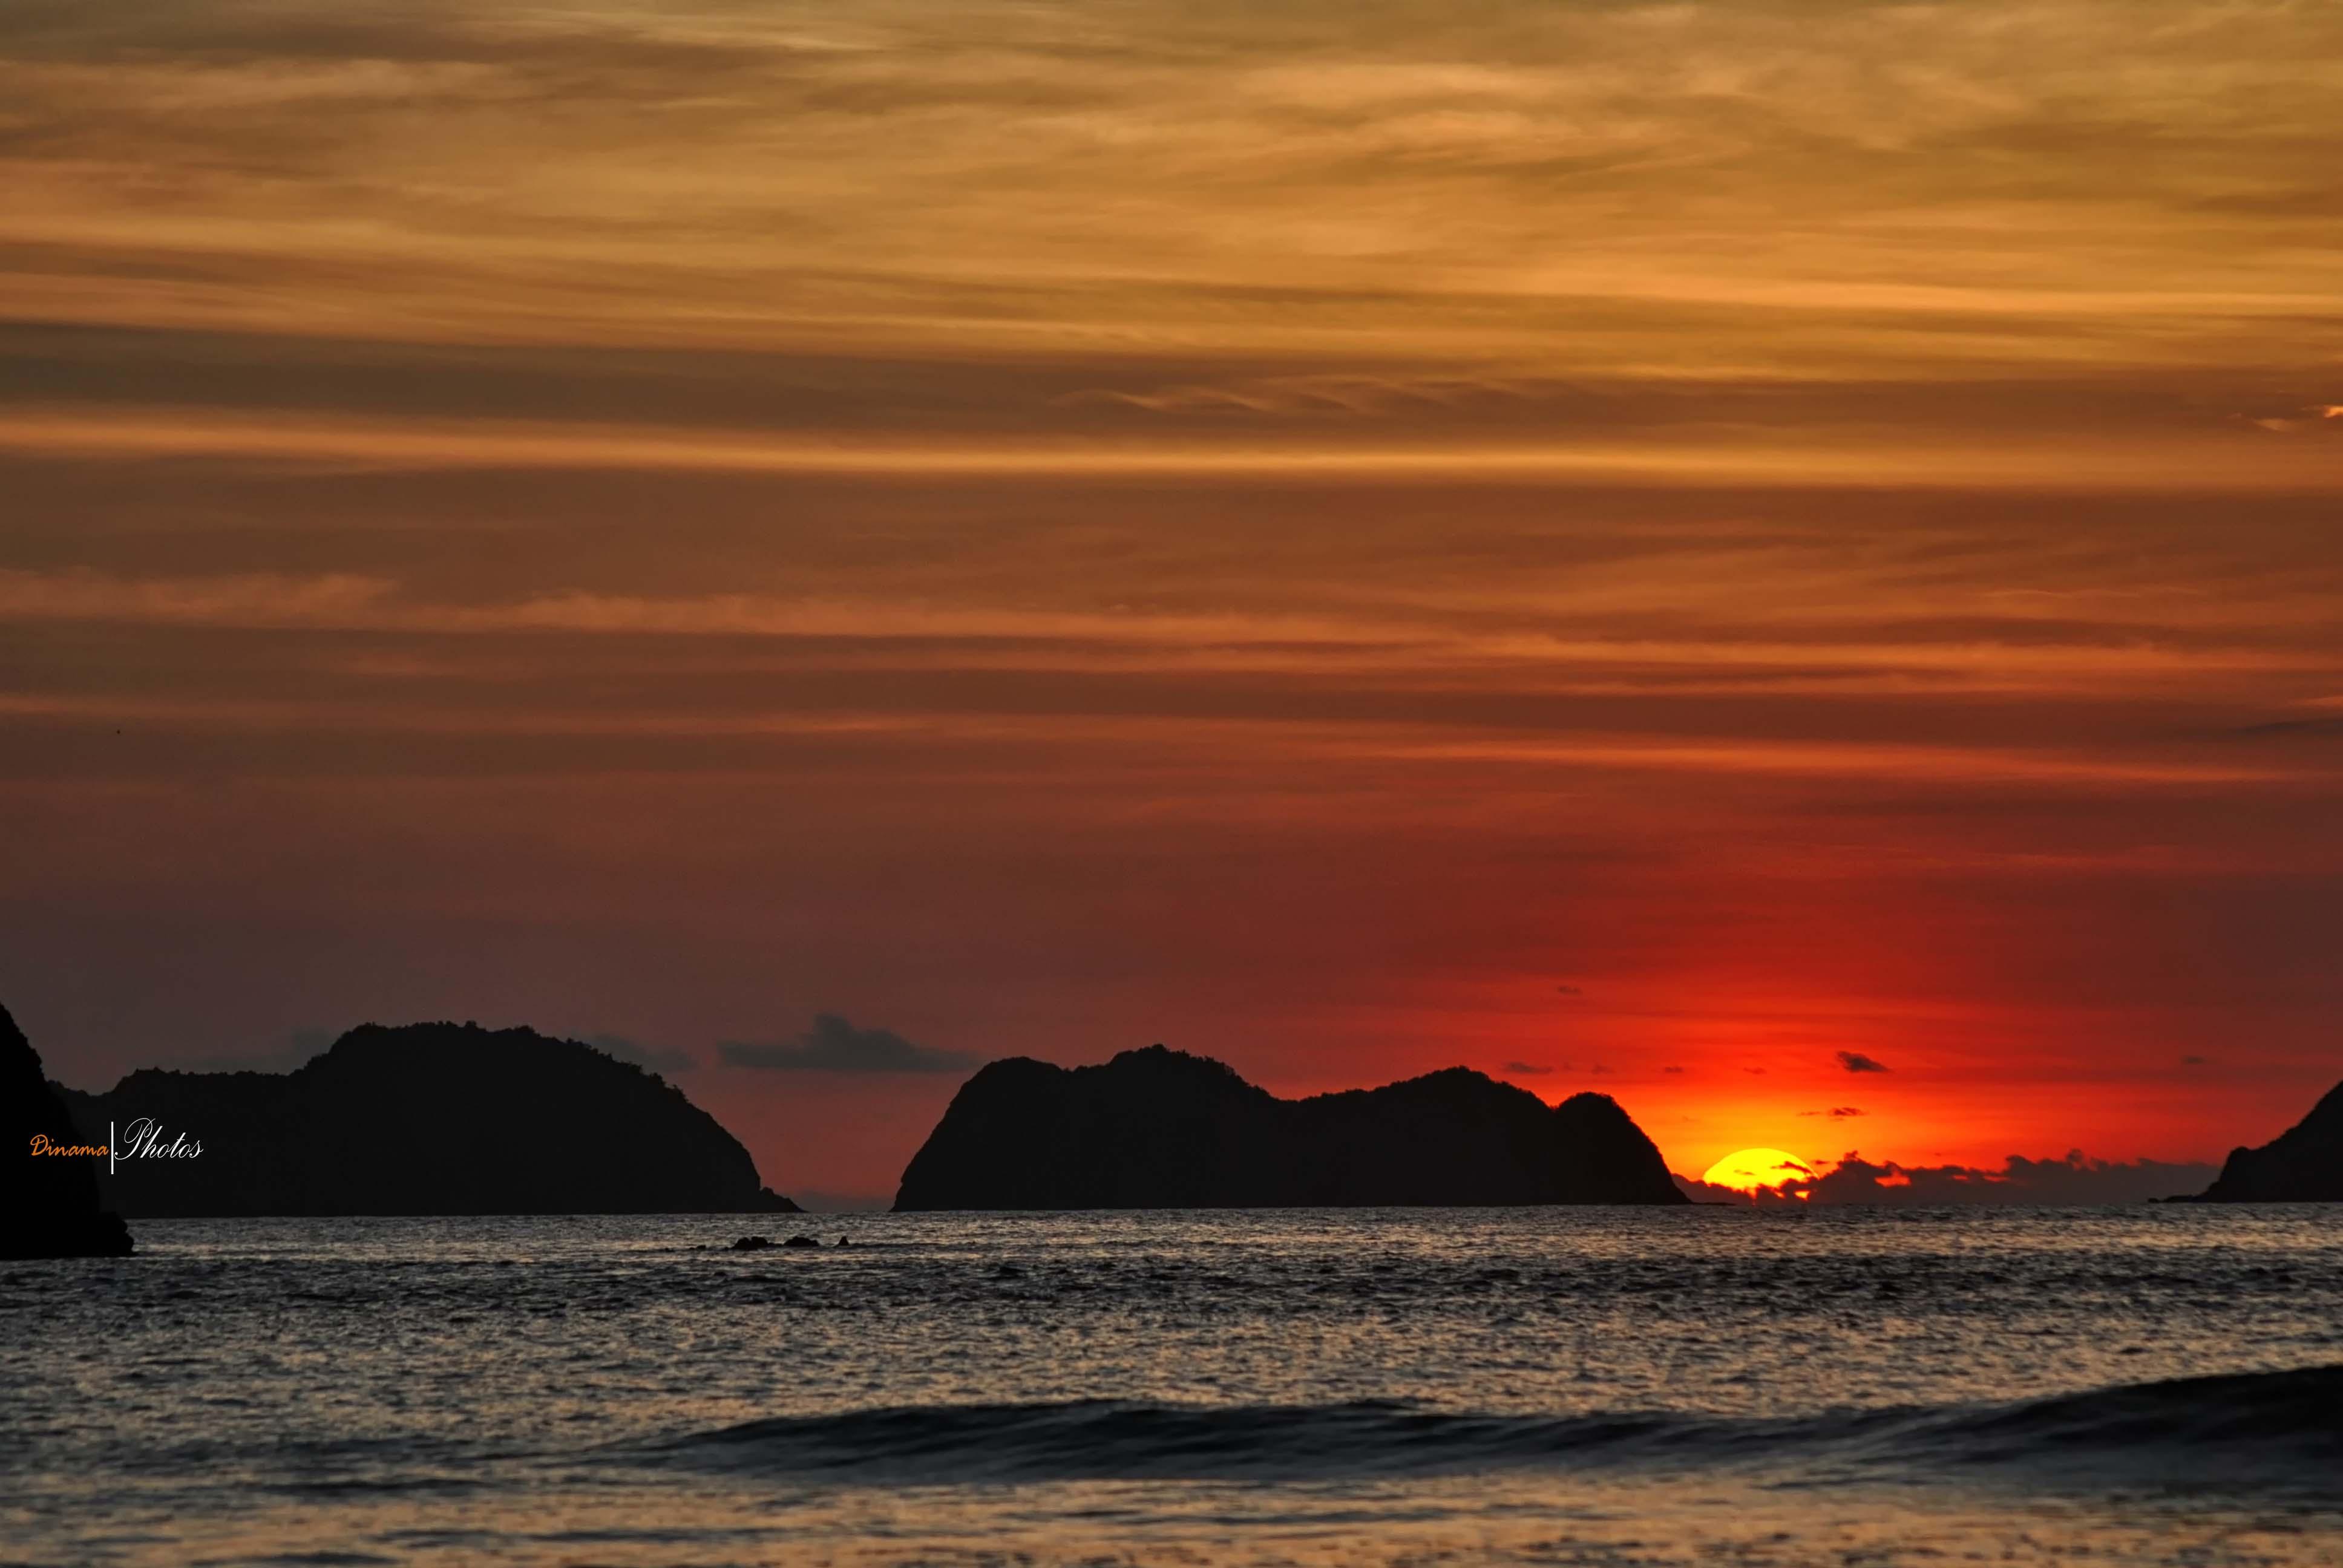 Pulau Merah Sunset Banyuwangi Wisata Dsc 0020 Kab